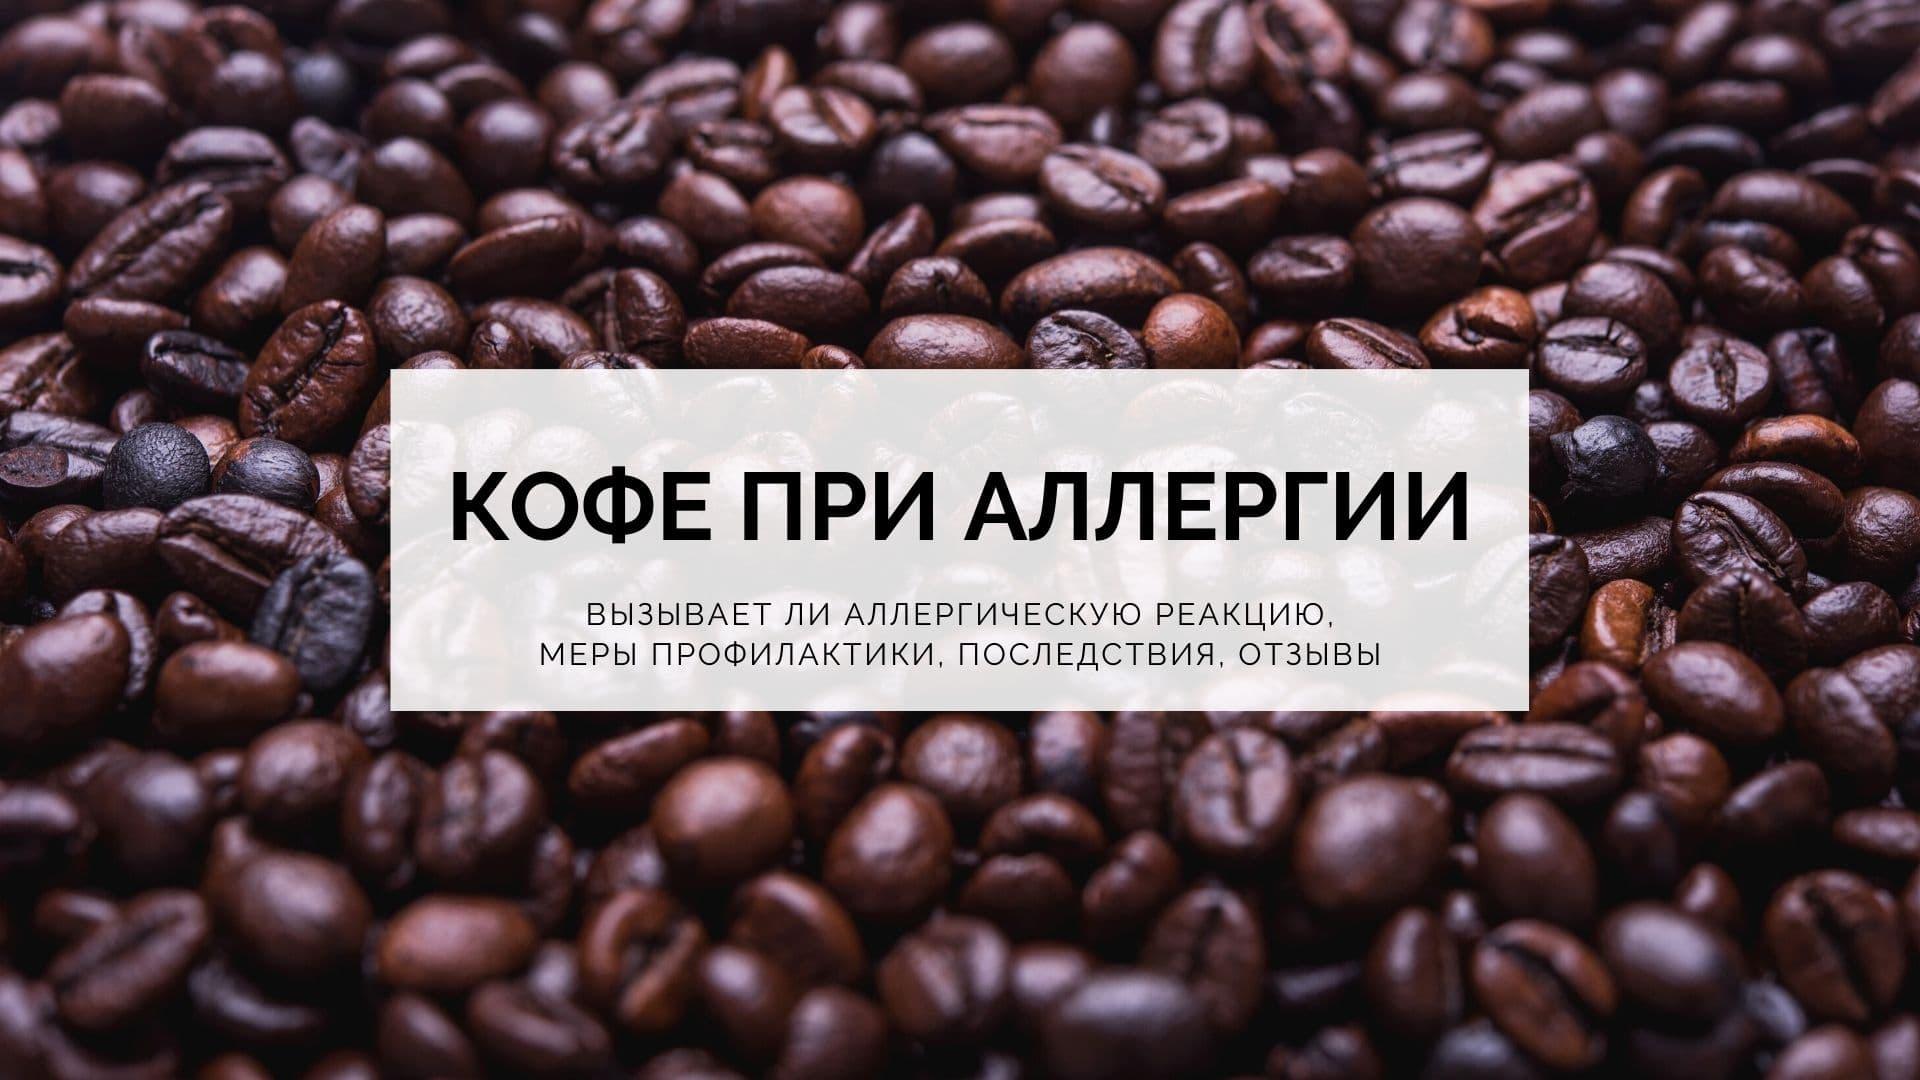 Кофе при аллергии: вызывает ли аллергическую реакцию, меры профилактики, последствия, отзывы